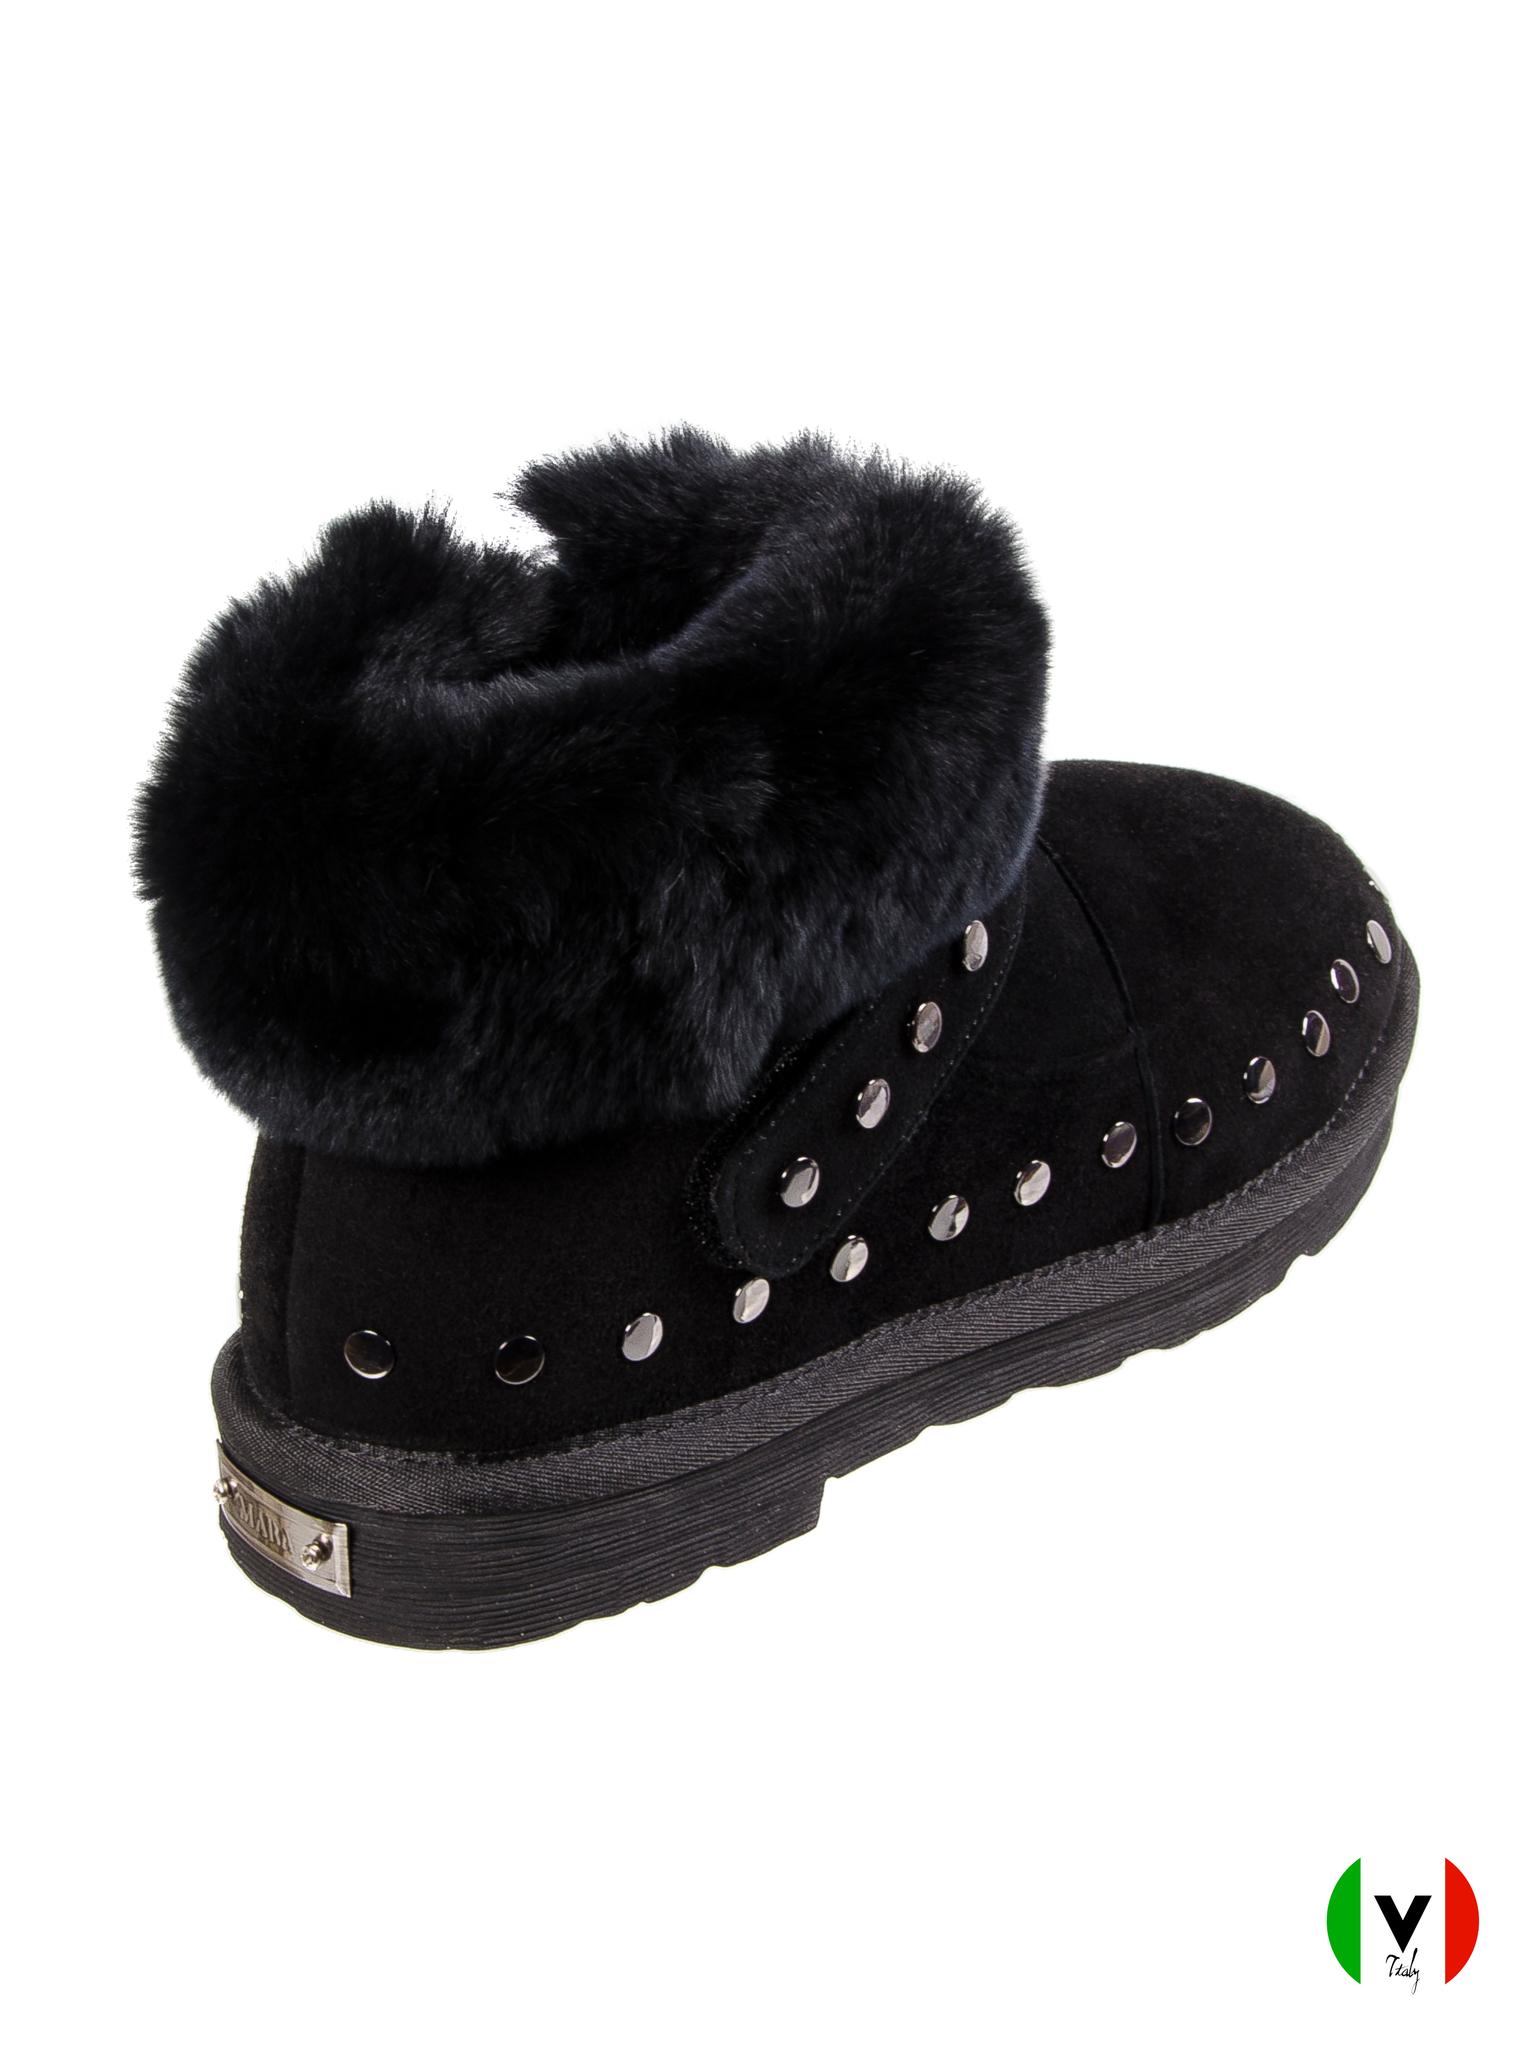 Ботинки Mara, артикул 1001, сезон зима, цвет чёрный, материал замша, цена 19 000 руб., veroitaly.ru